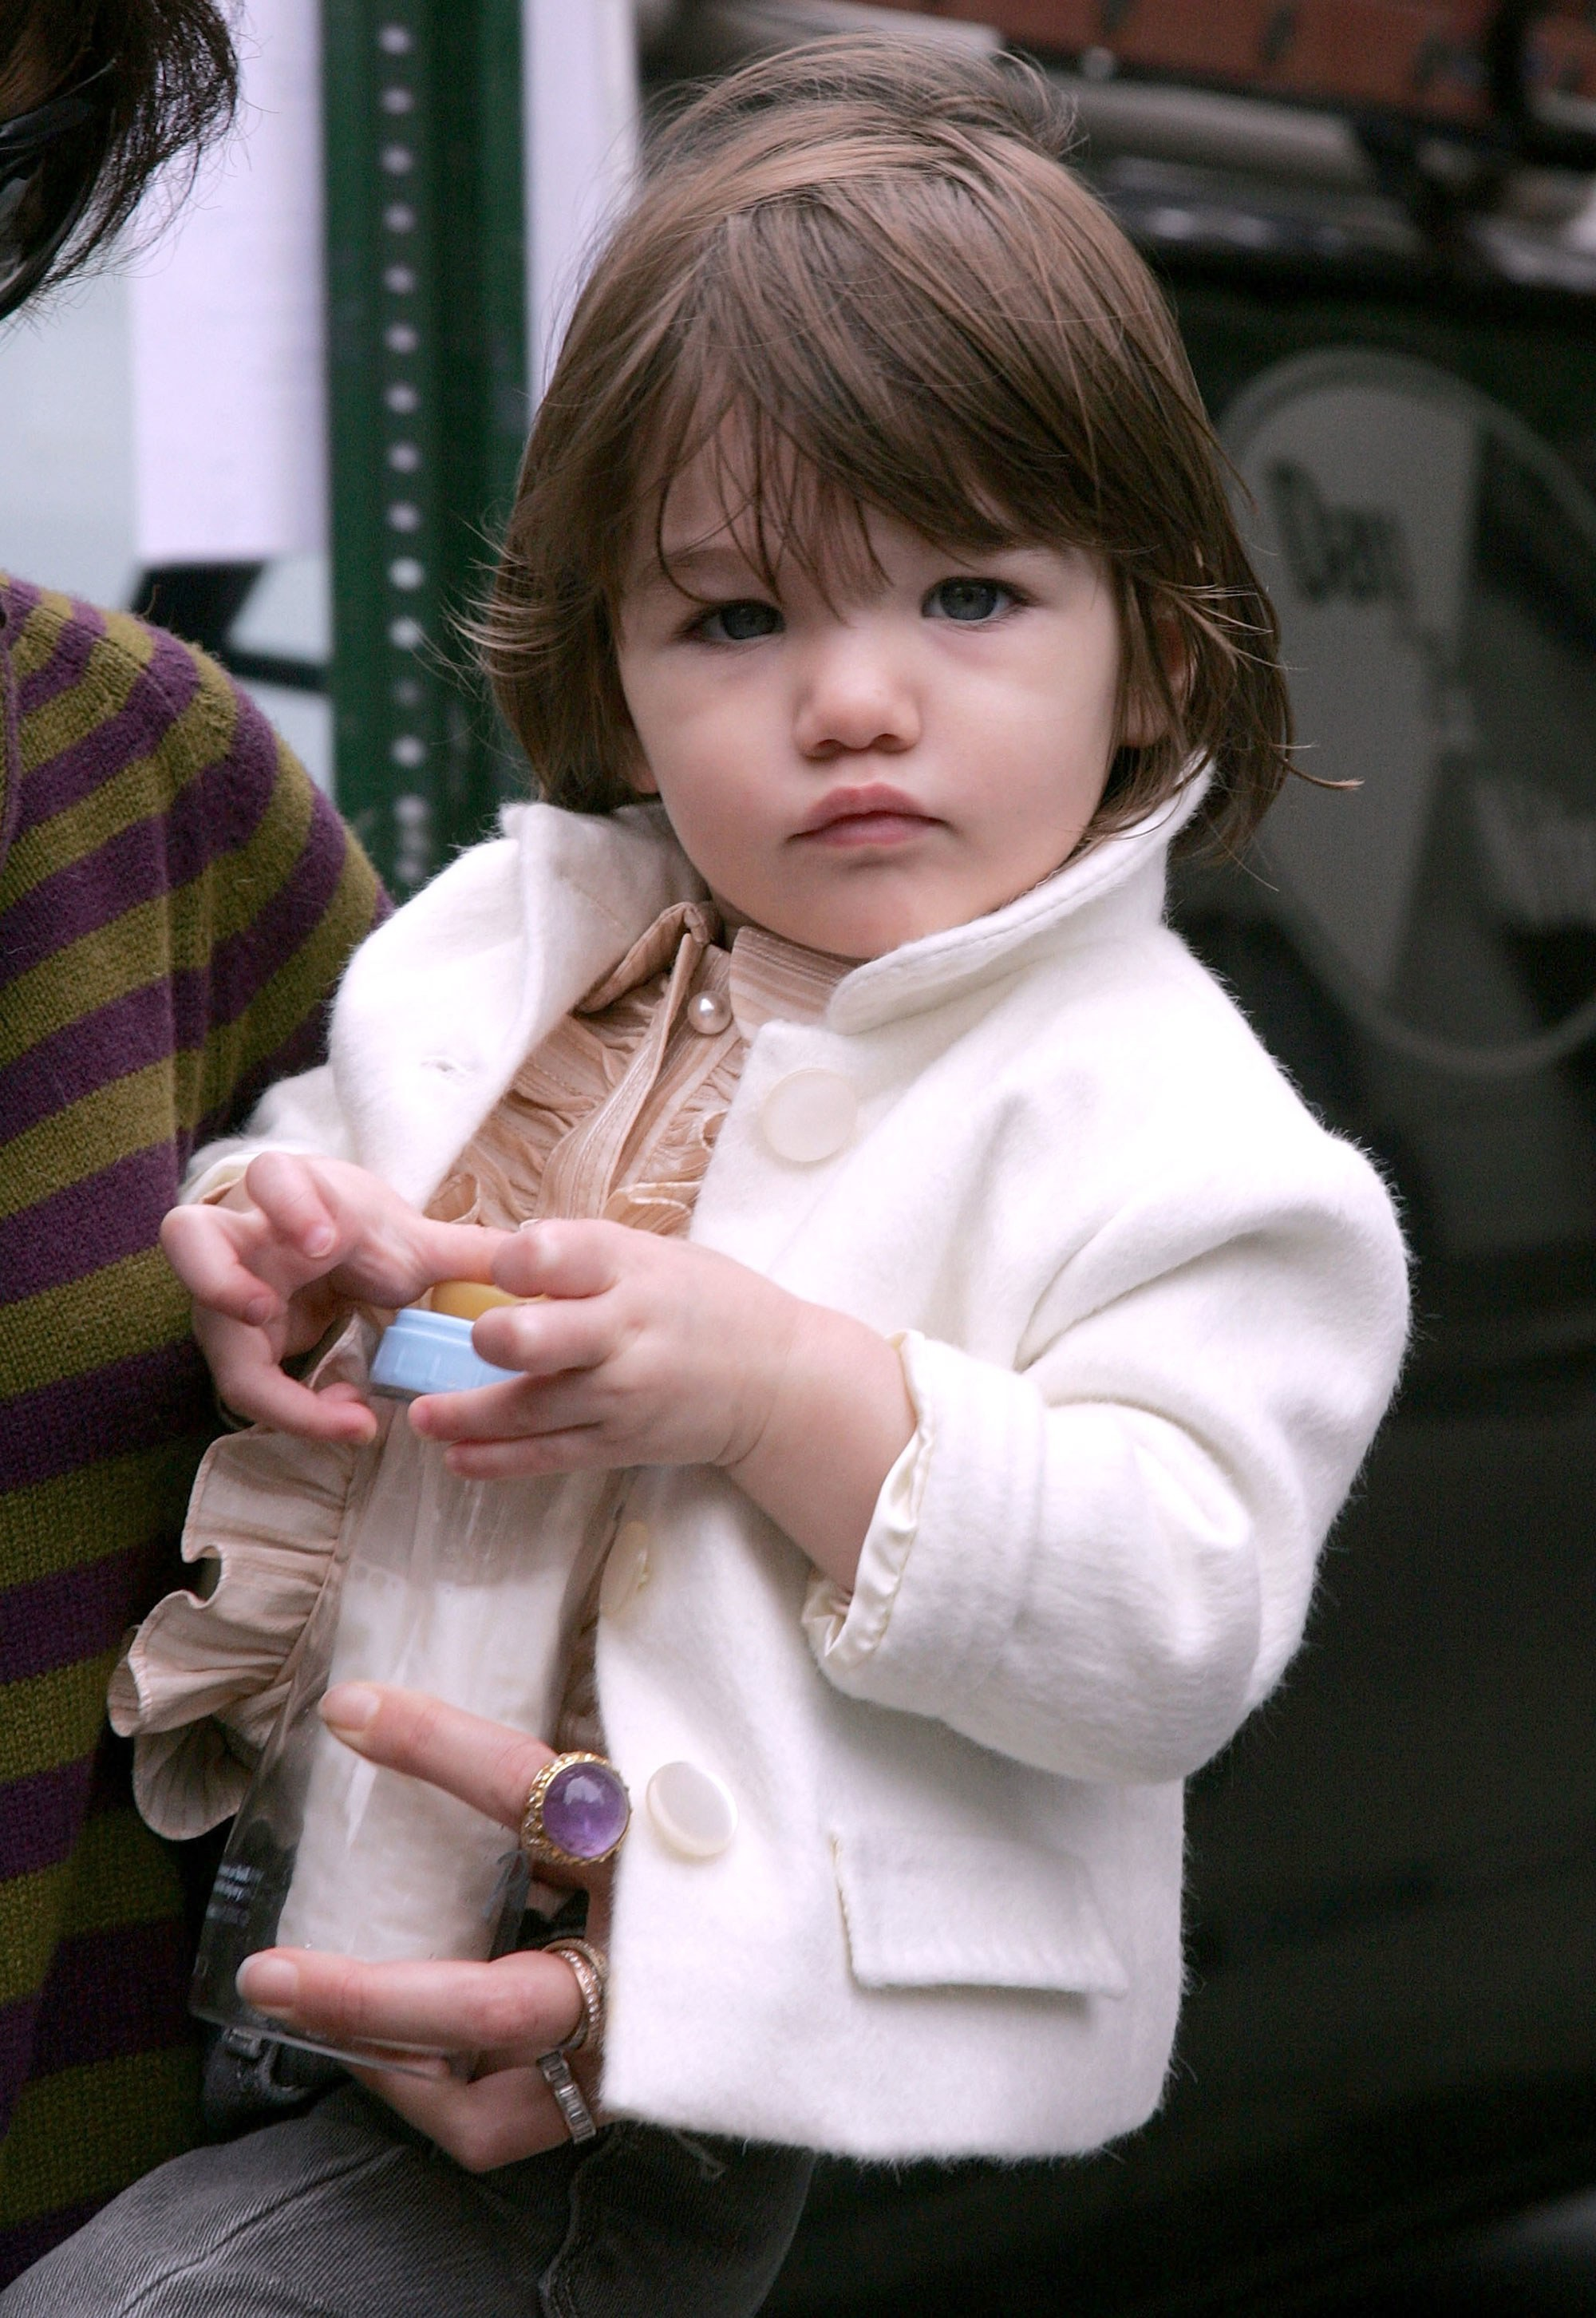 Những cô công chúa nổi tiếng nhà sao Hollywood ngày ấy nay đã lớn: Suri Cruise, Harper Beckham lột xác ngoạn mục - Ảnh 1.